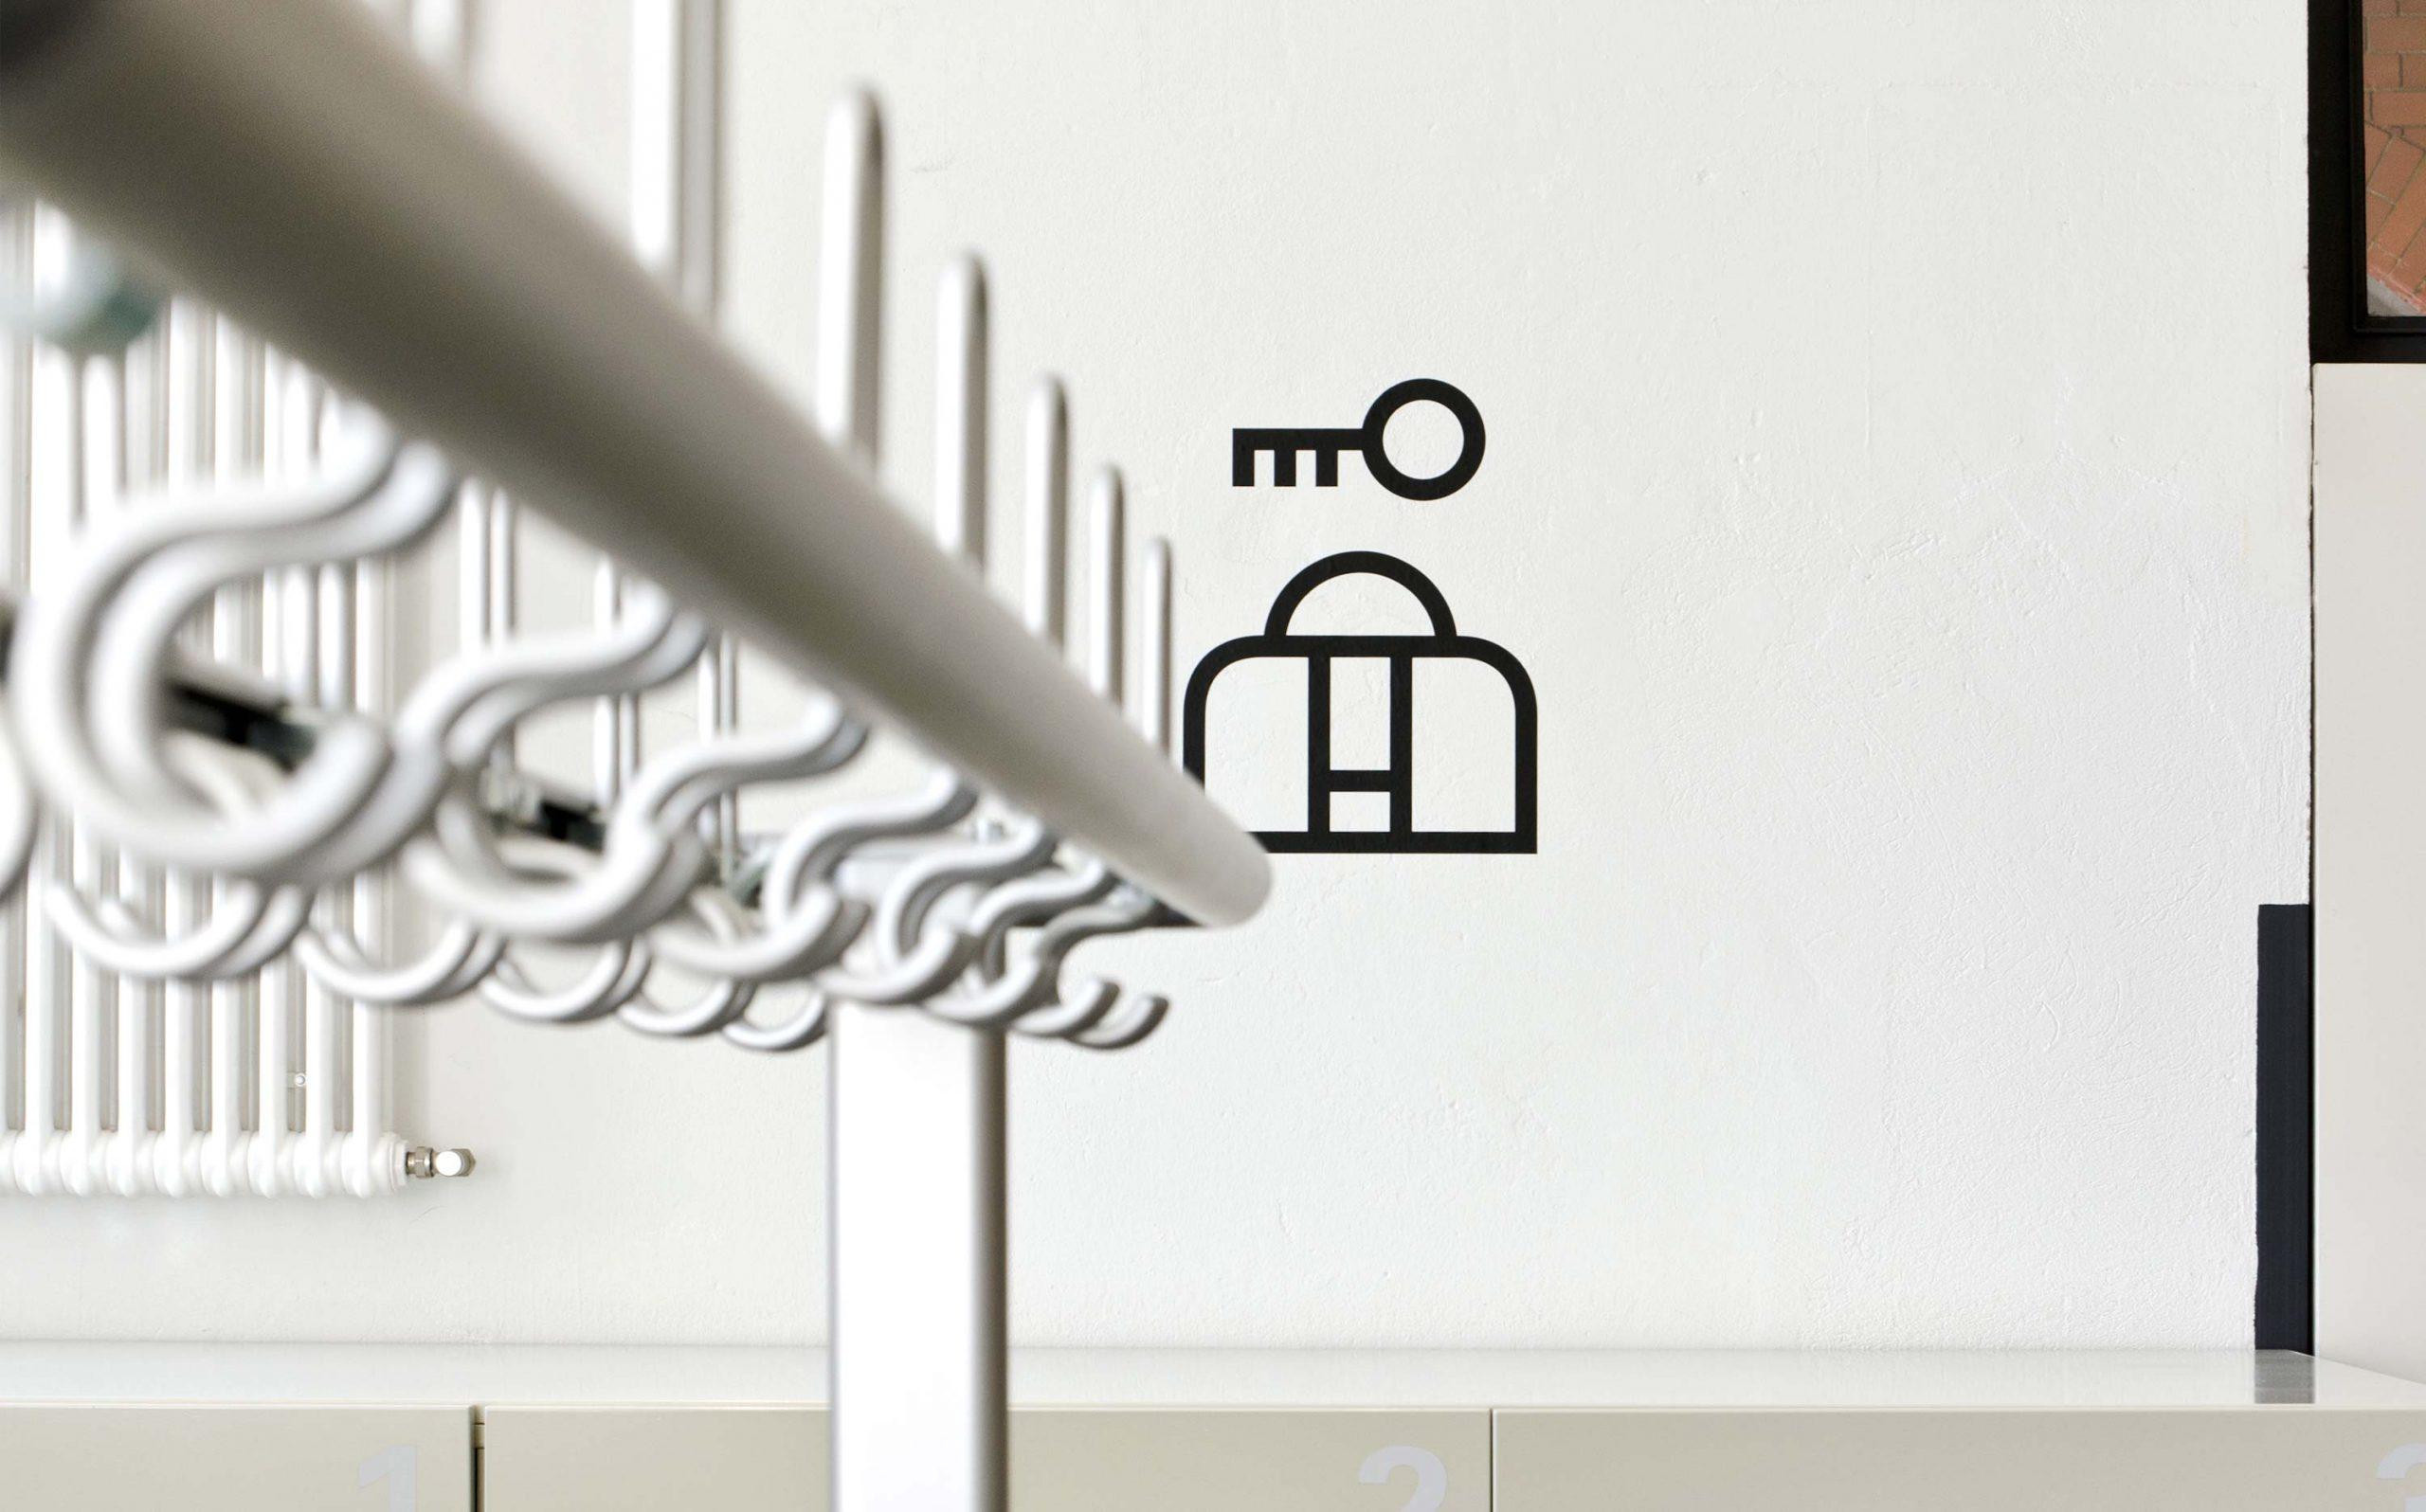 Icon im Garderobenbereich des Foyer des Museums in der Kulturbrauerei (Schablonierung), schwarz auf weißer Wand